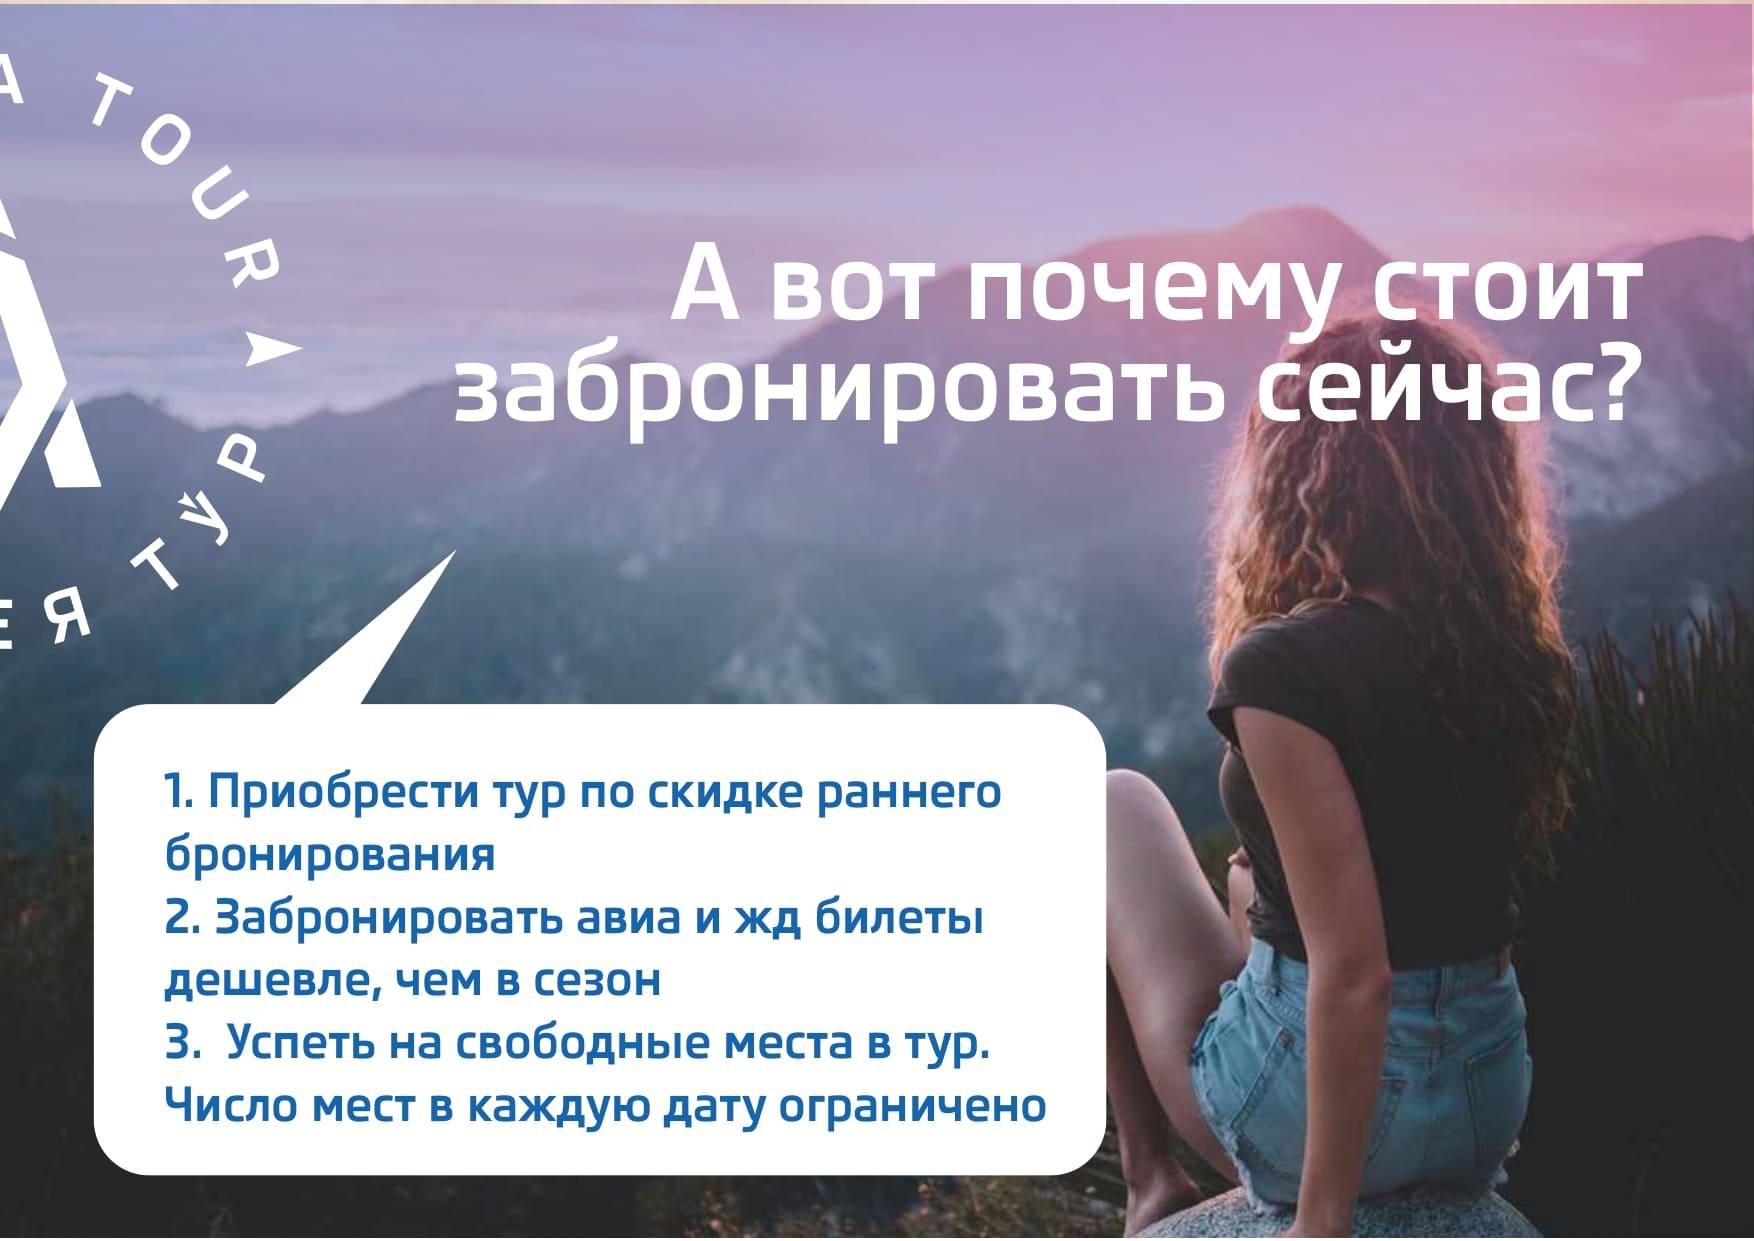 Адыгея активный тур_compressed (4)_page-0025